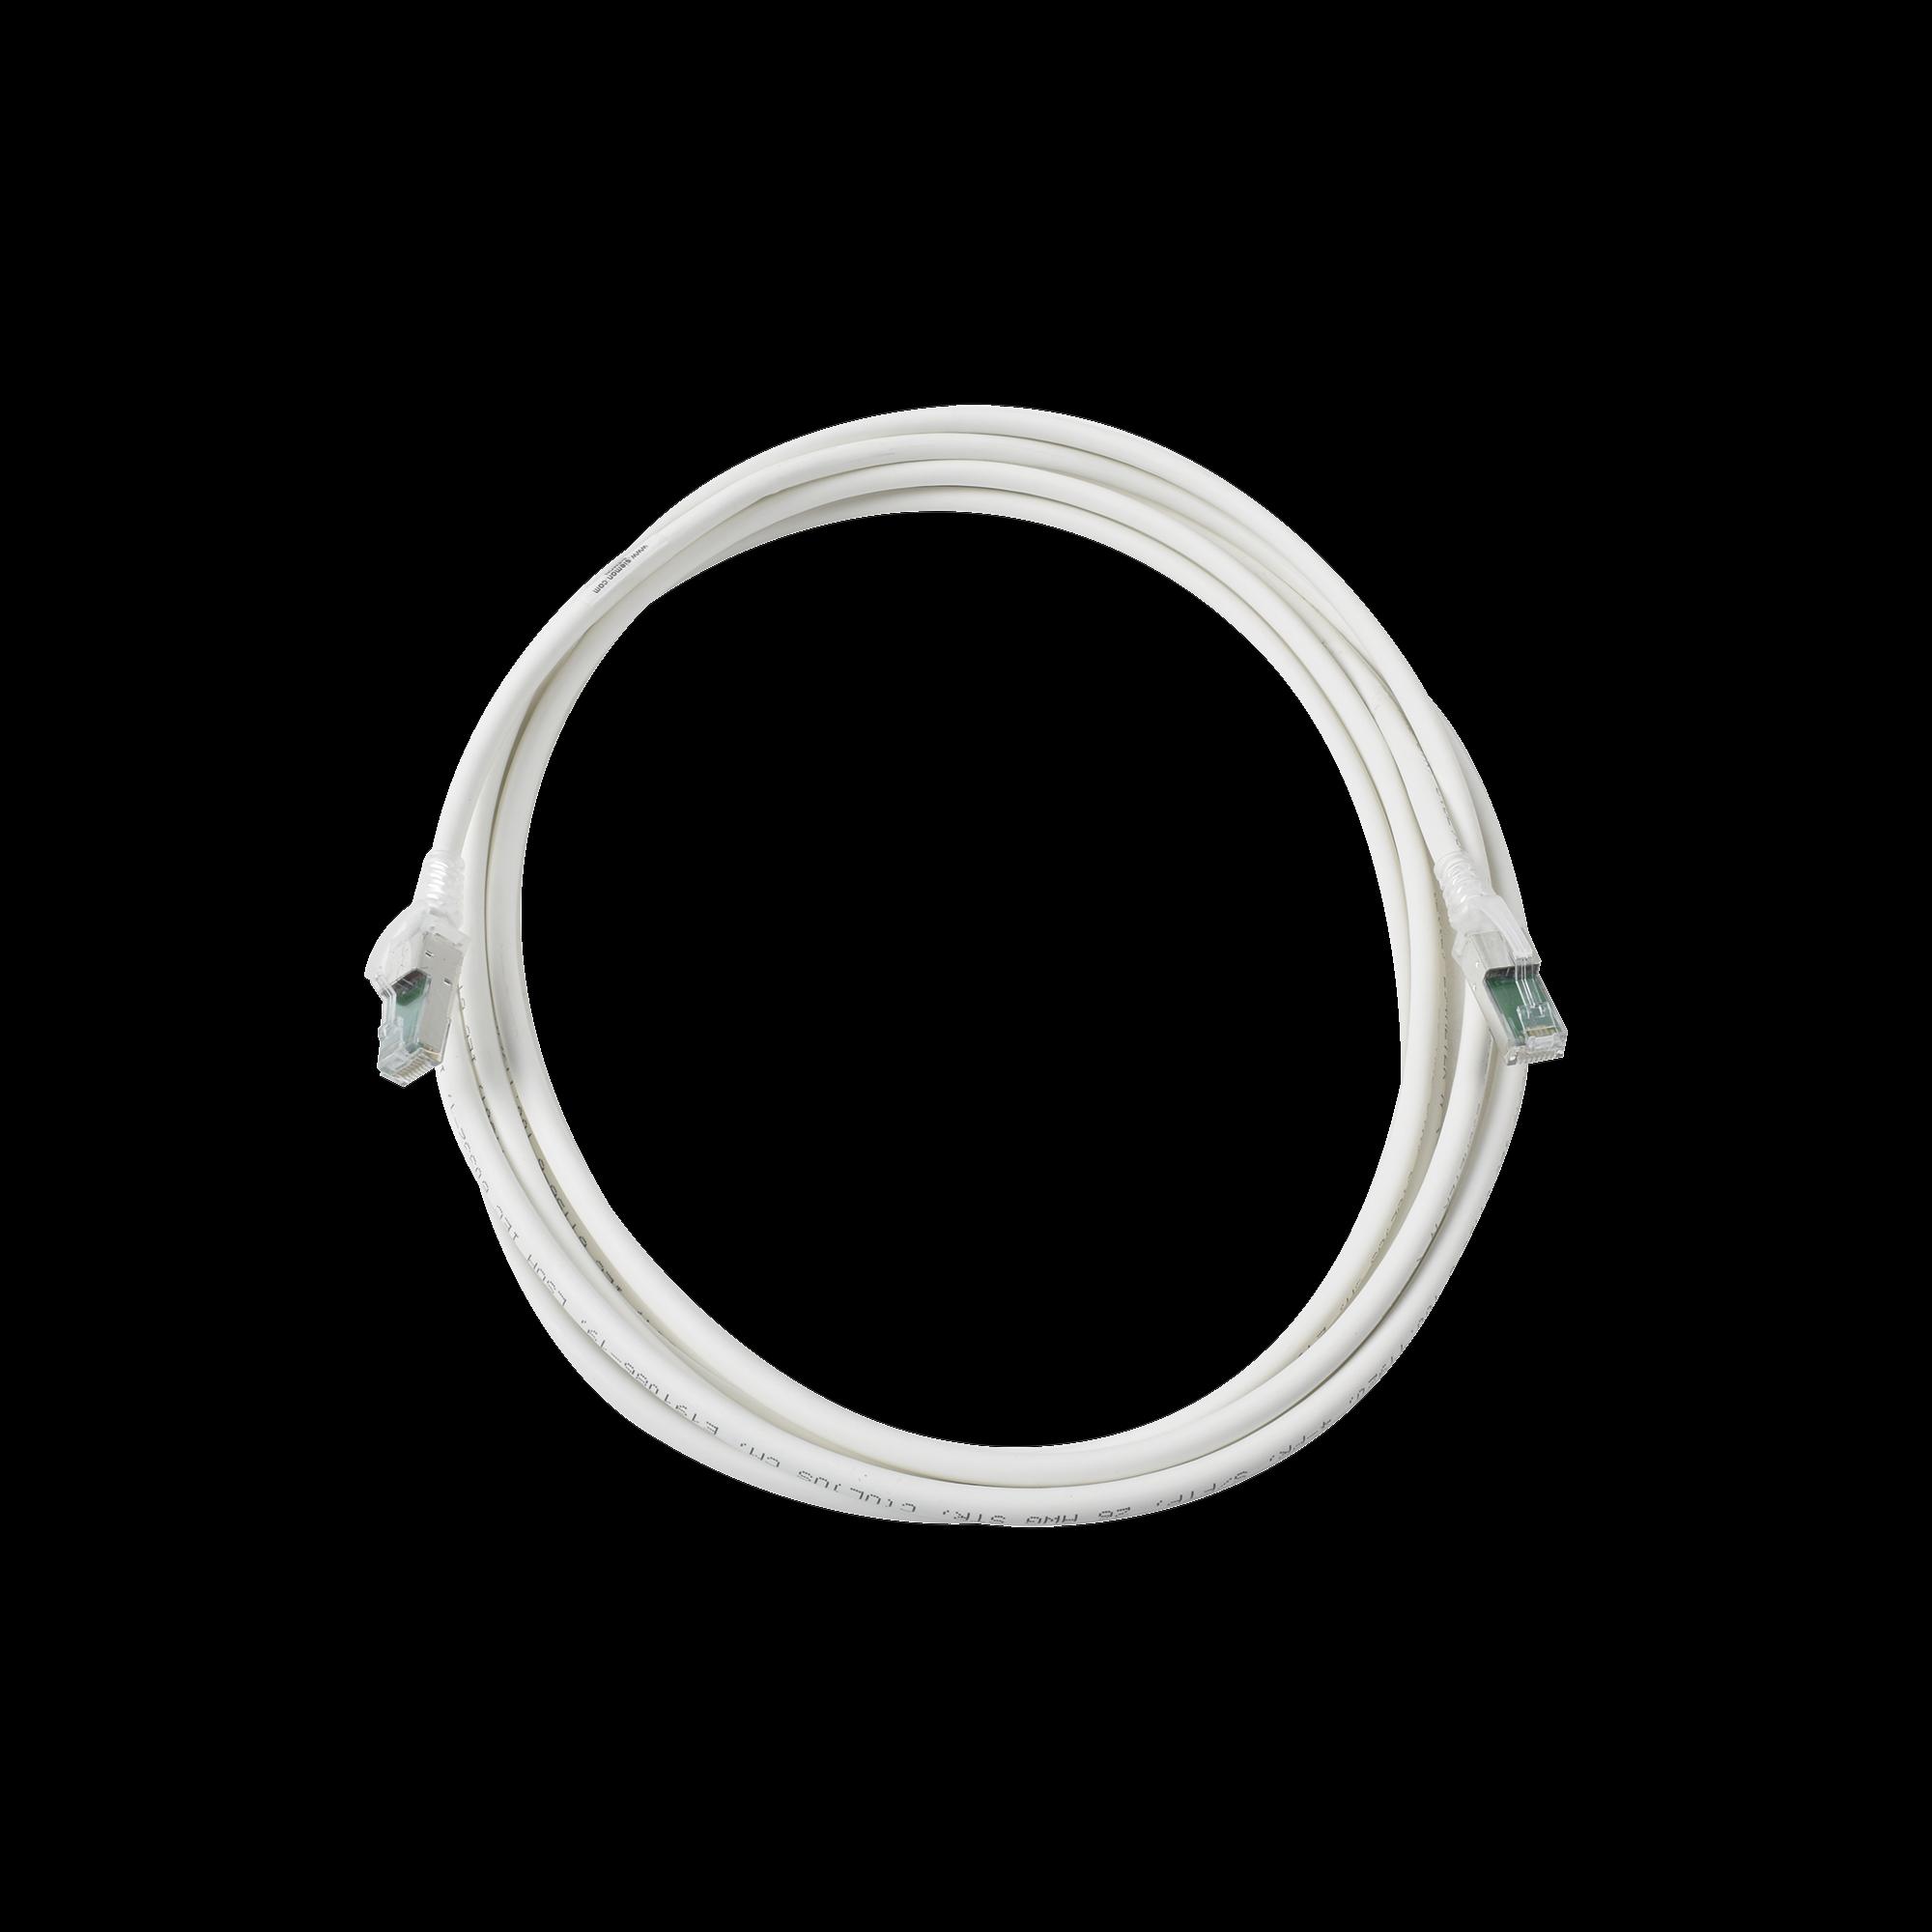 Patch Cord Z-MAX Cat6A S/FTP, CM/LS0H, 20ft, Color Blanco, Versión Bulk (Sin Empaque Individual)